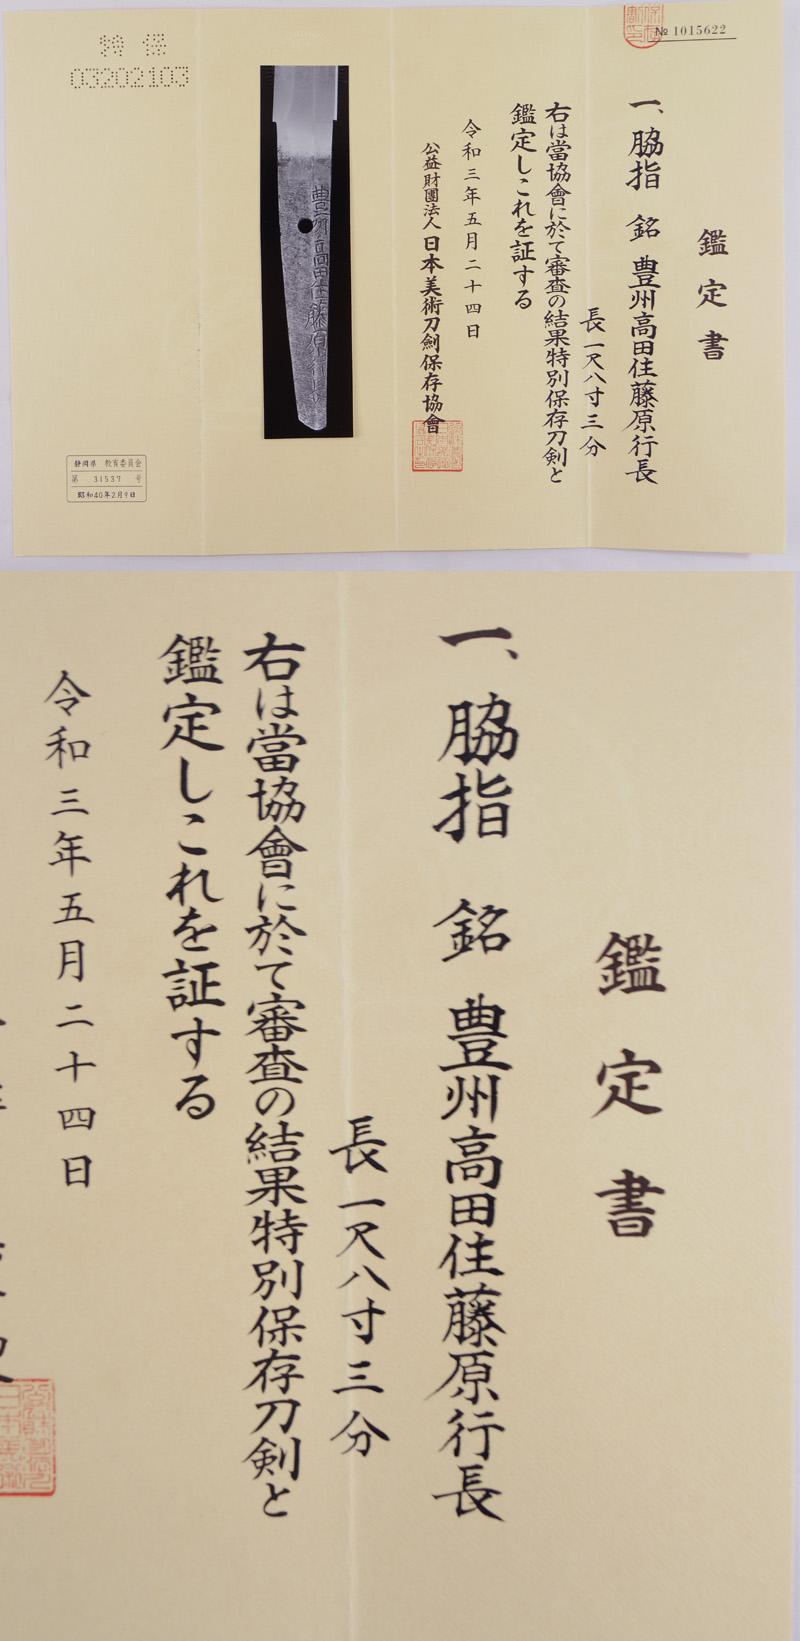 脇差 豊洲高田住藤原行長(業物)鑑定書画像